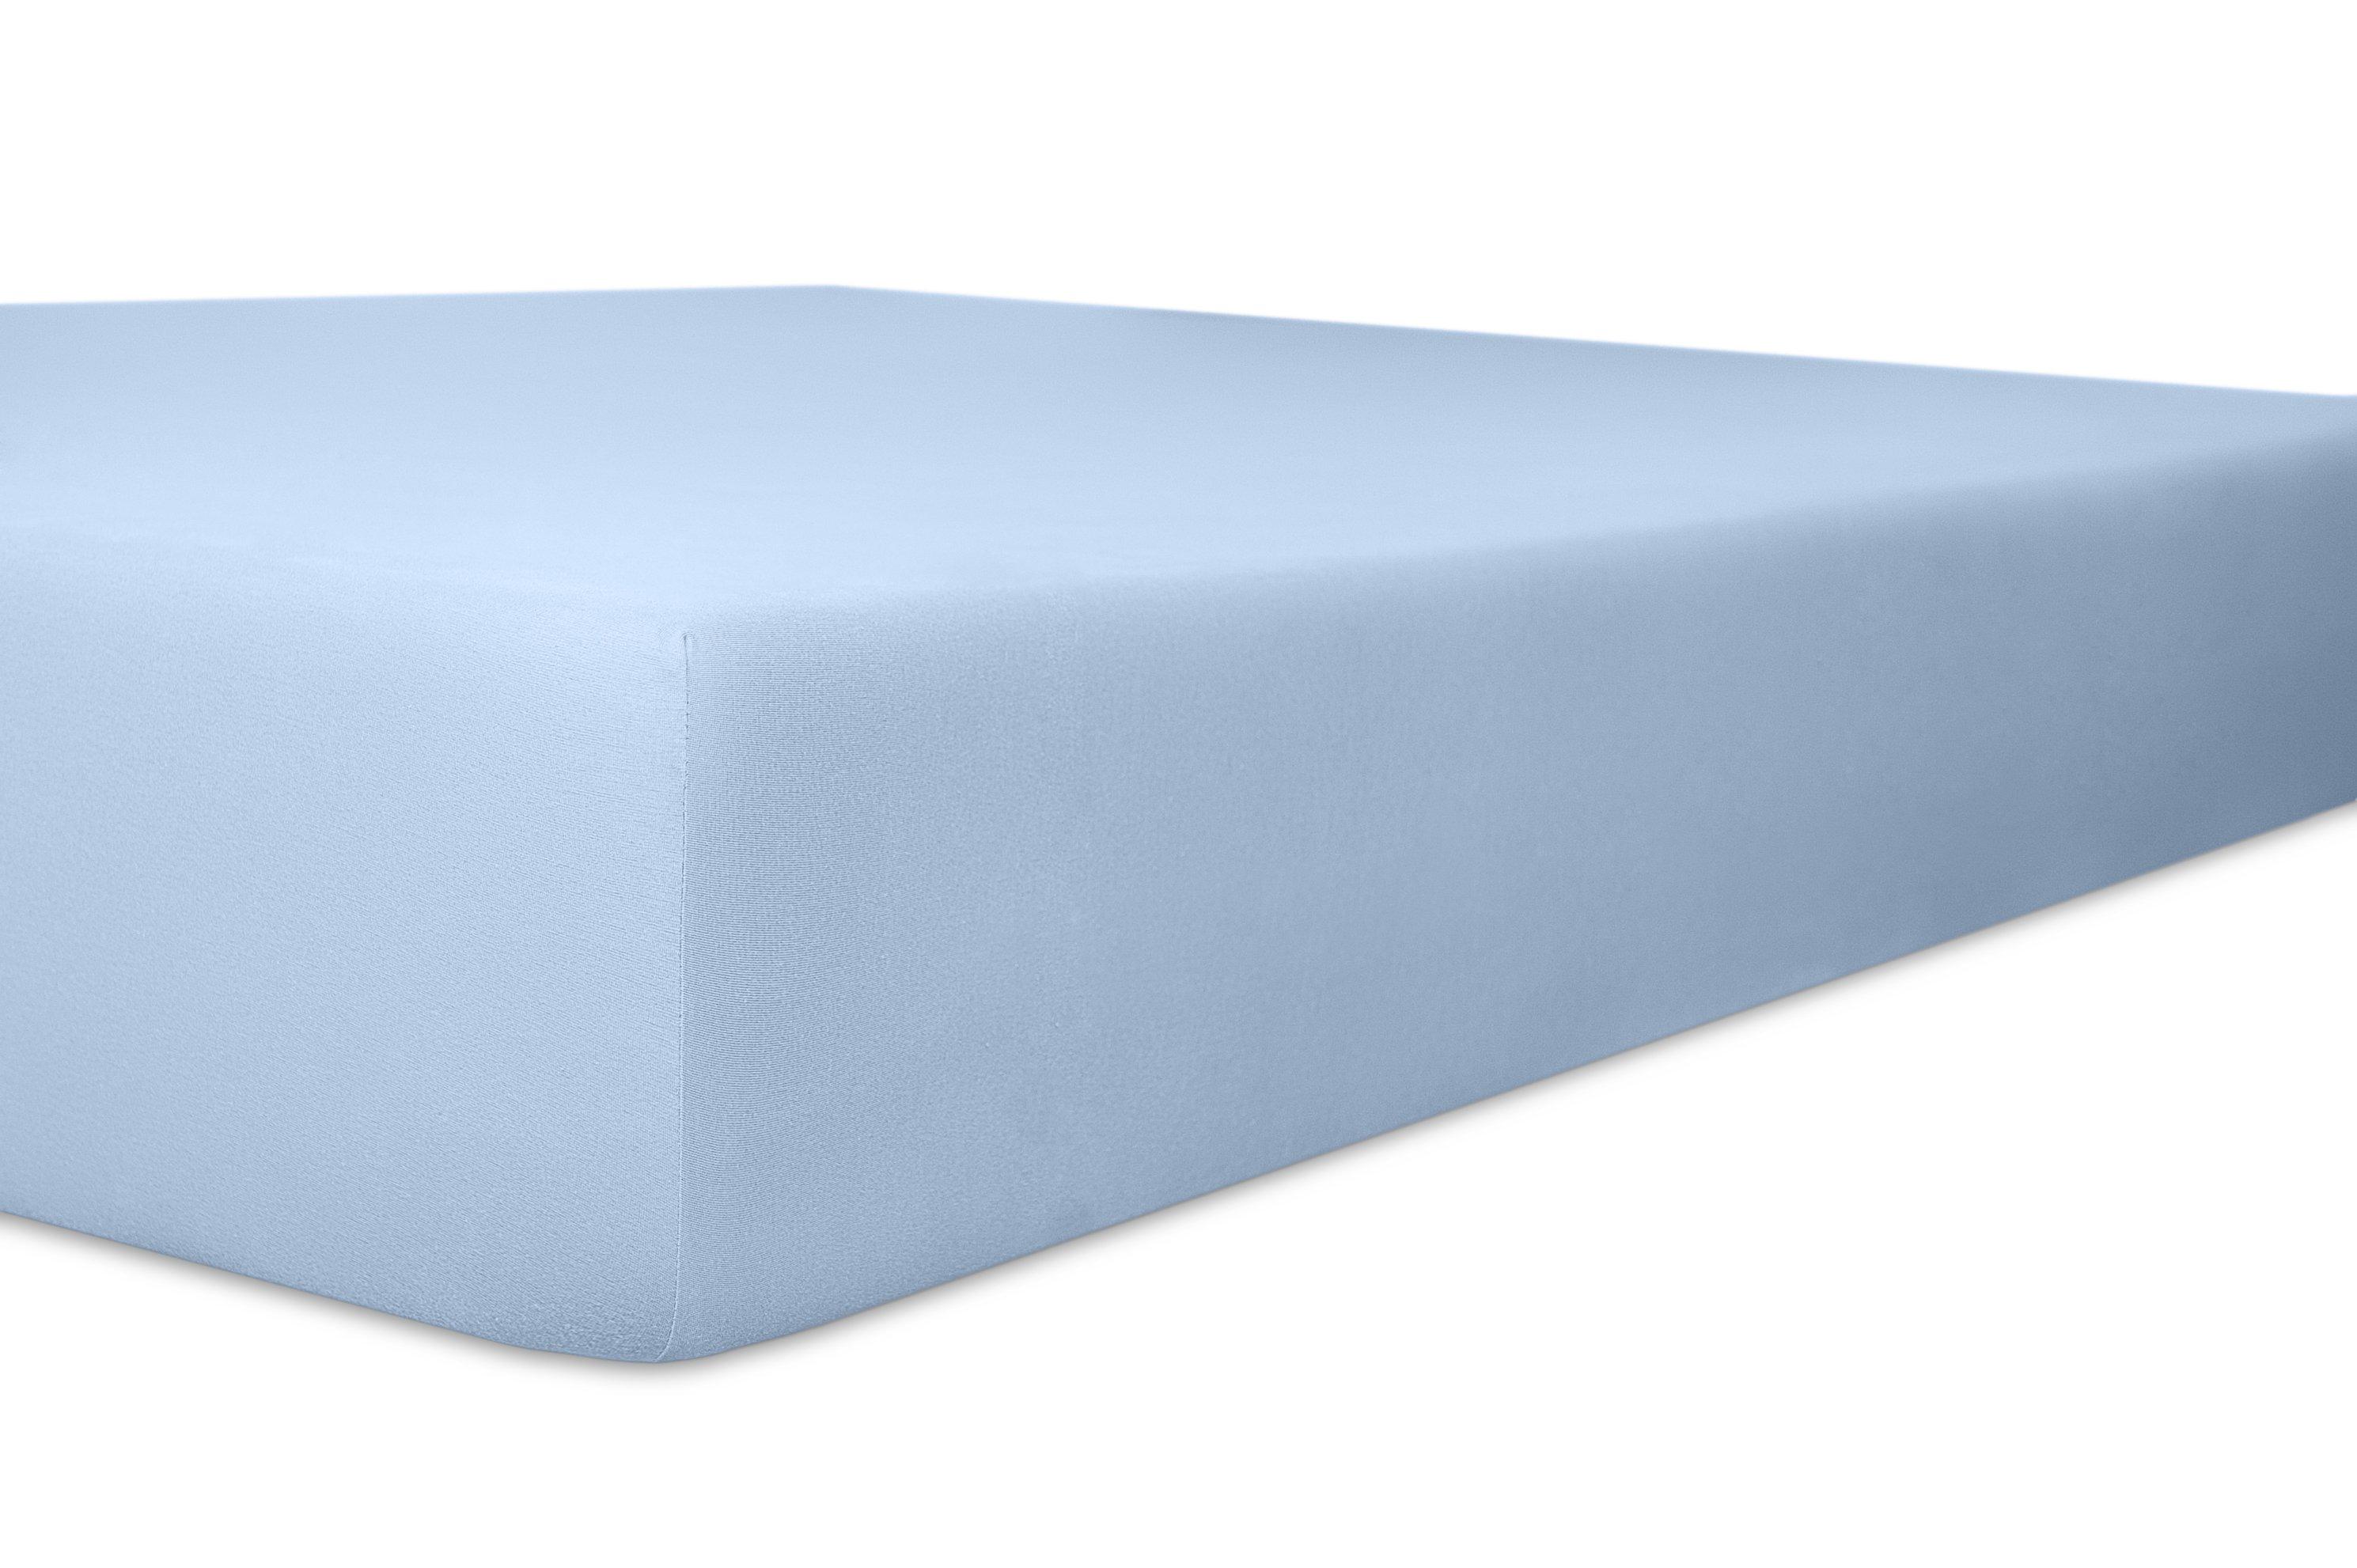 Spannbetttuch hellblau,180x200cm